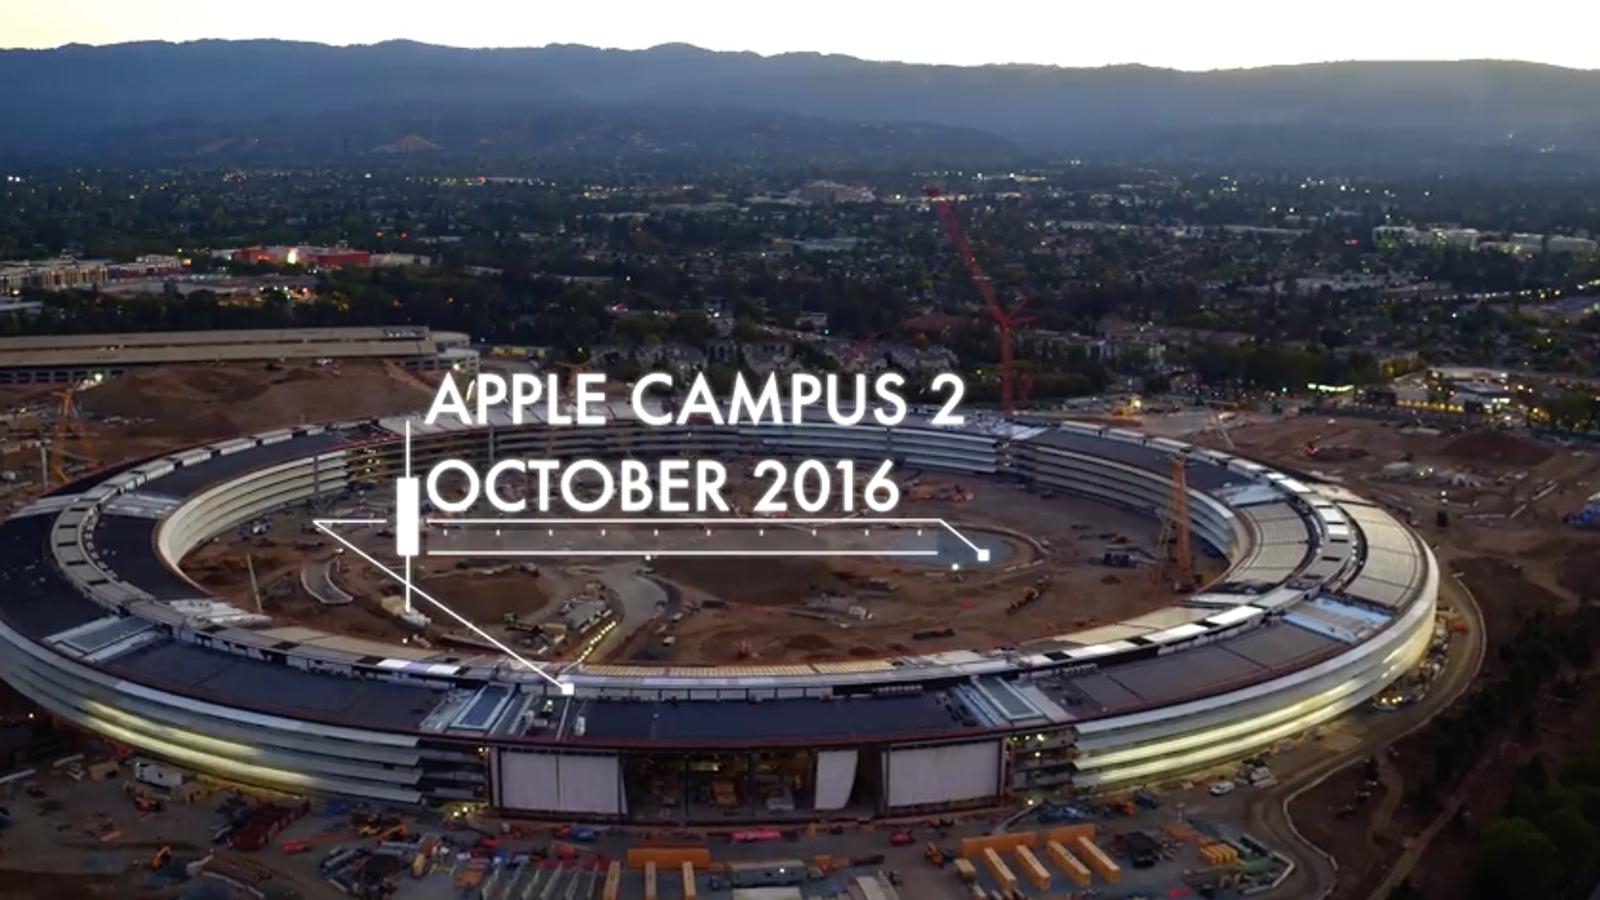 Download 1000 Wallpaper Apple Campus  Terbaik